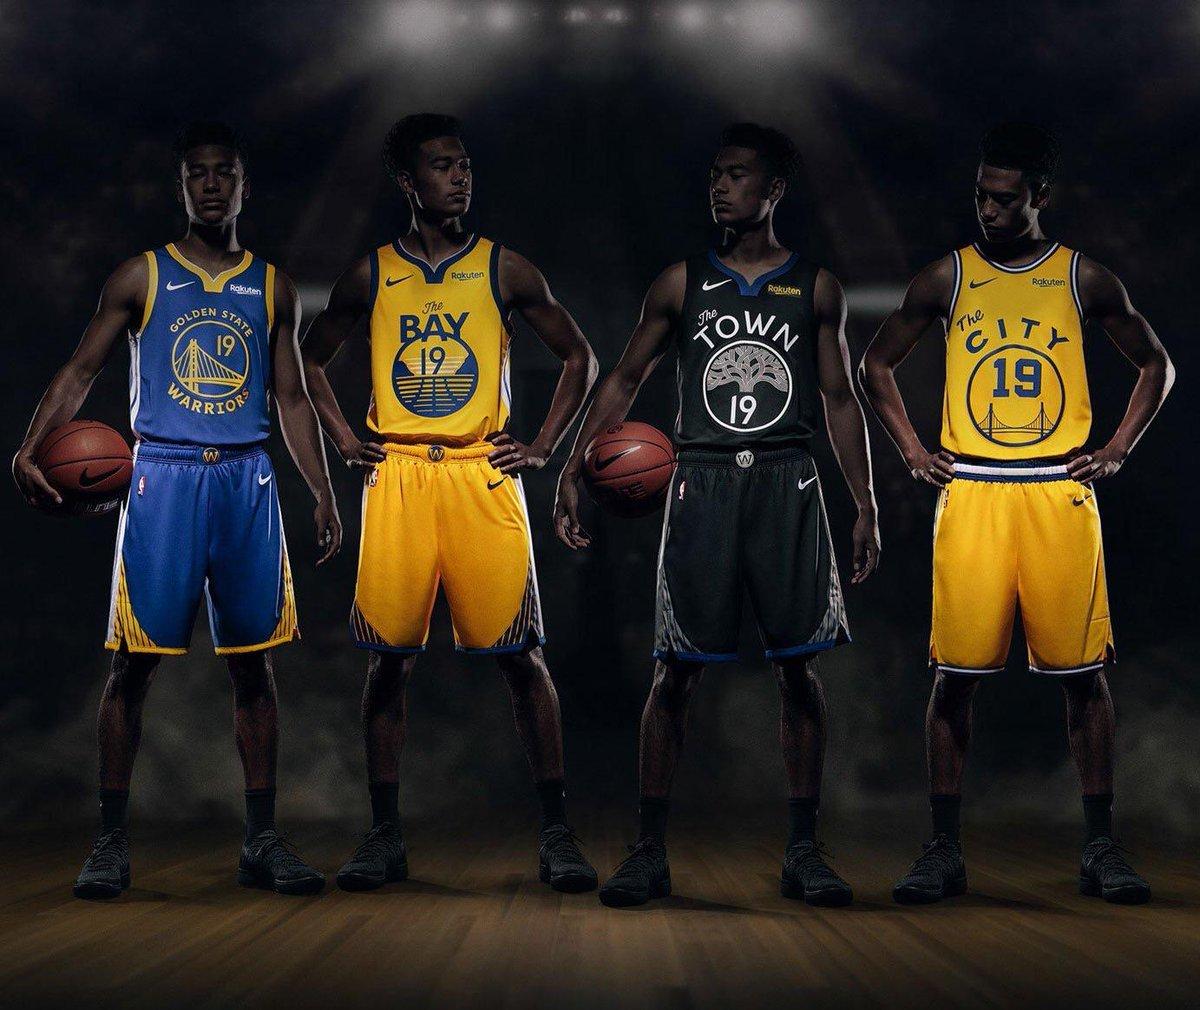 Екс-чемпіони НБА представили нову форму